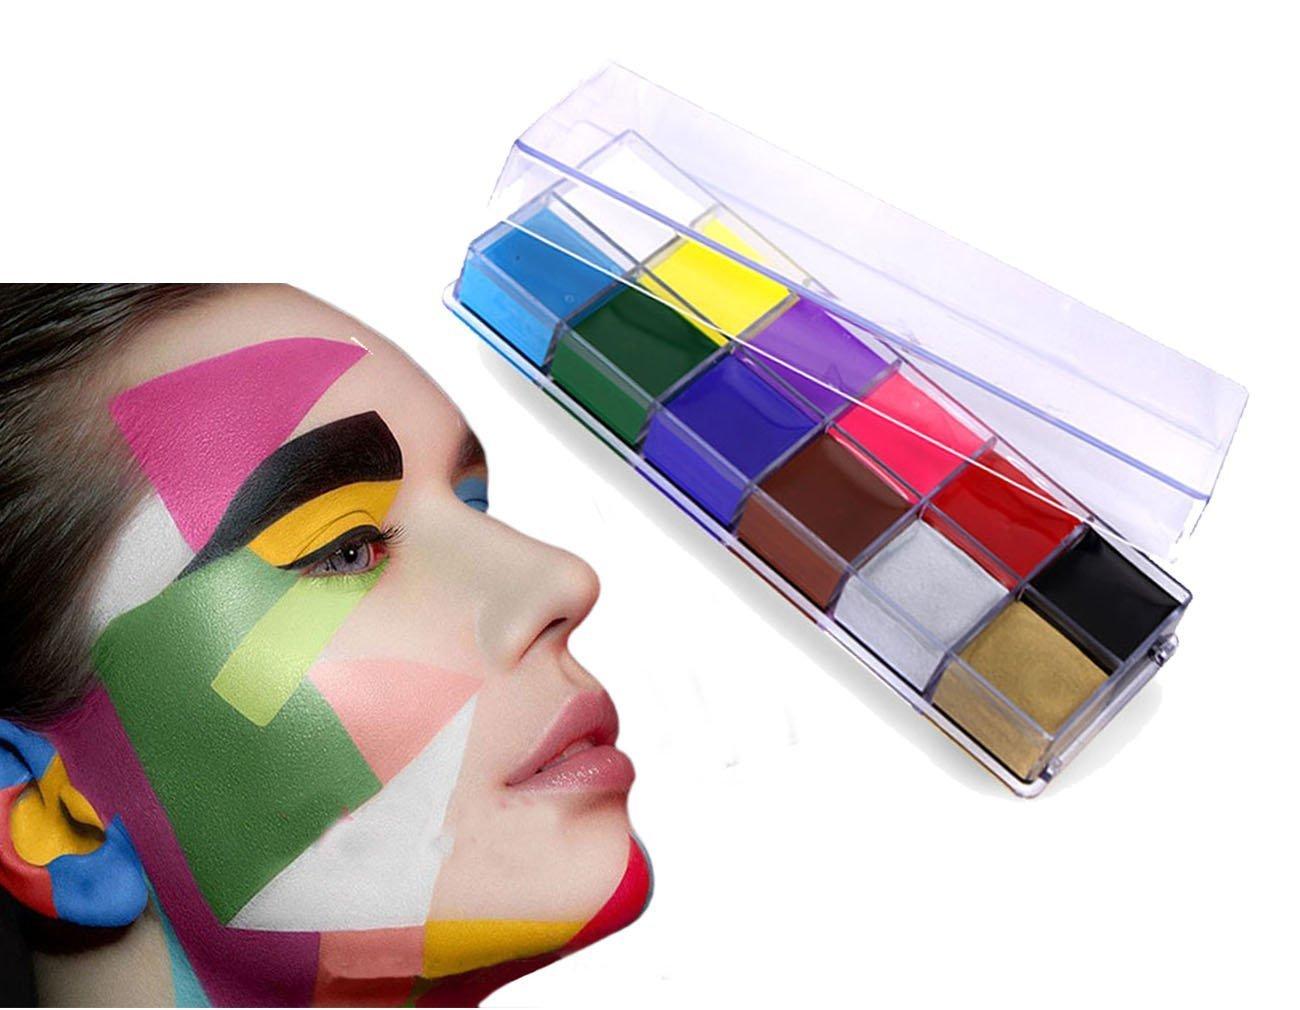 Peinture Corporelle de 12 Couleurs de Peinture Pigment Corps Théâtre / Clown / Maquillage Décor Halloween / Couleur du Visage Peinture à Huile Maquillage Body Painting Deguisement